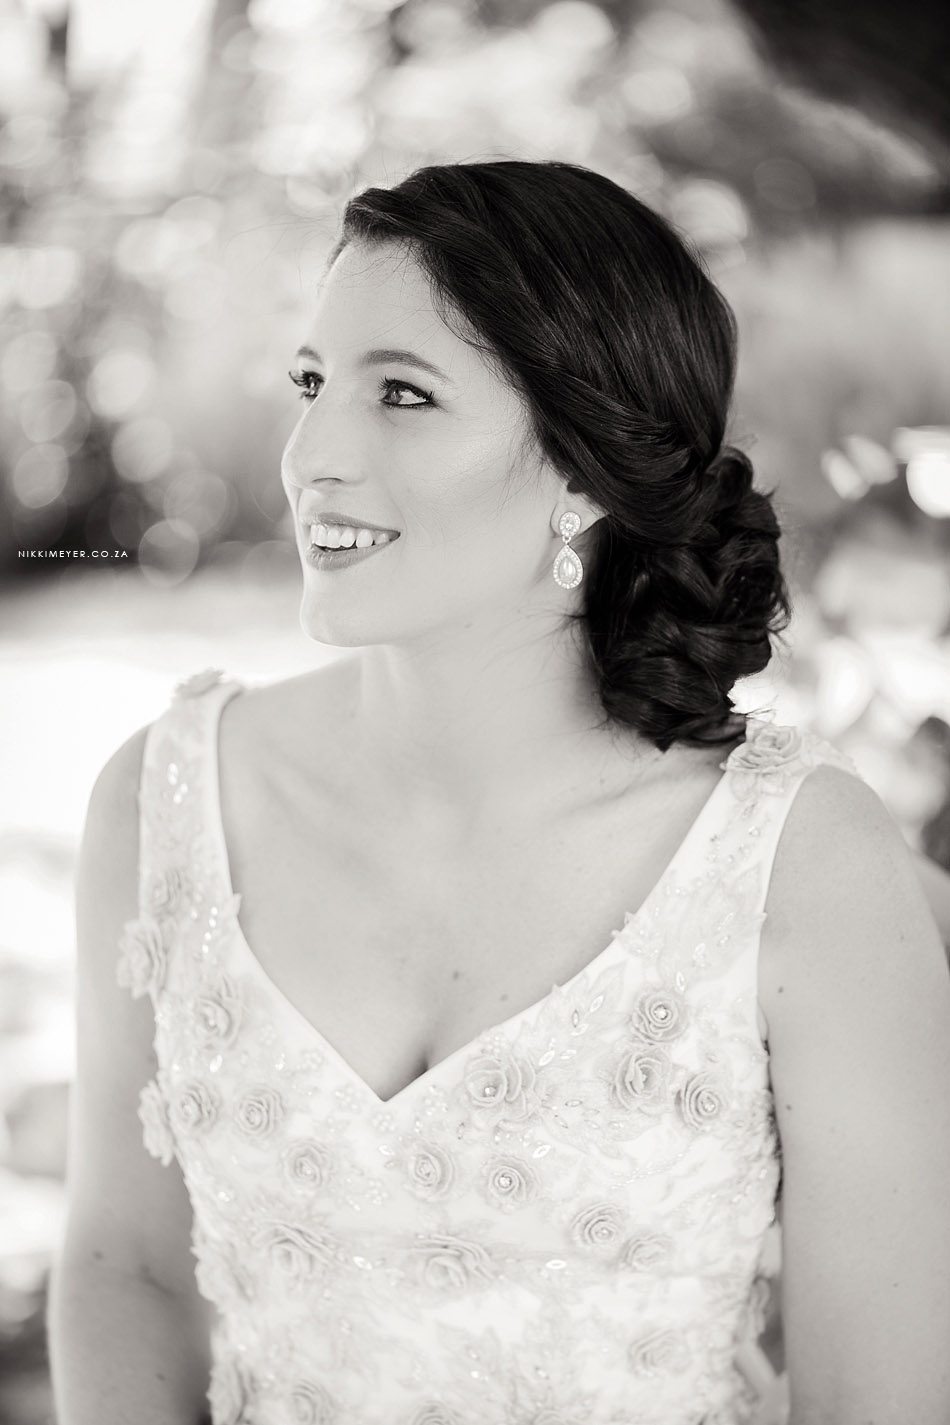 nikki_meyer_kleinevalleij_boland_wedding_photographer_010